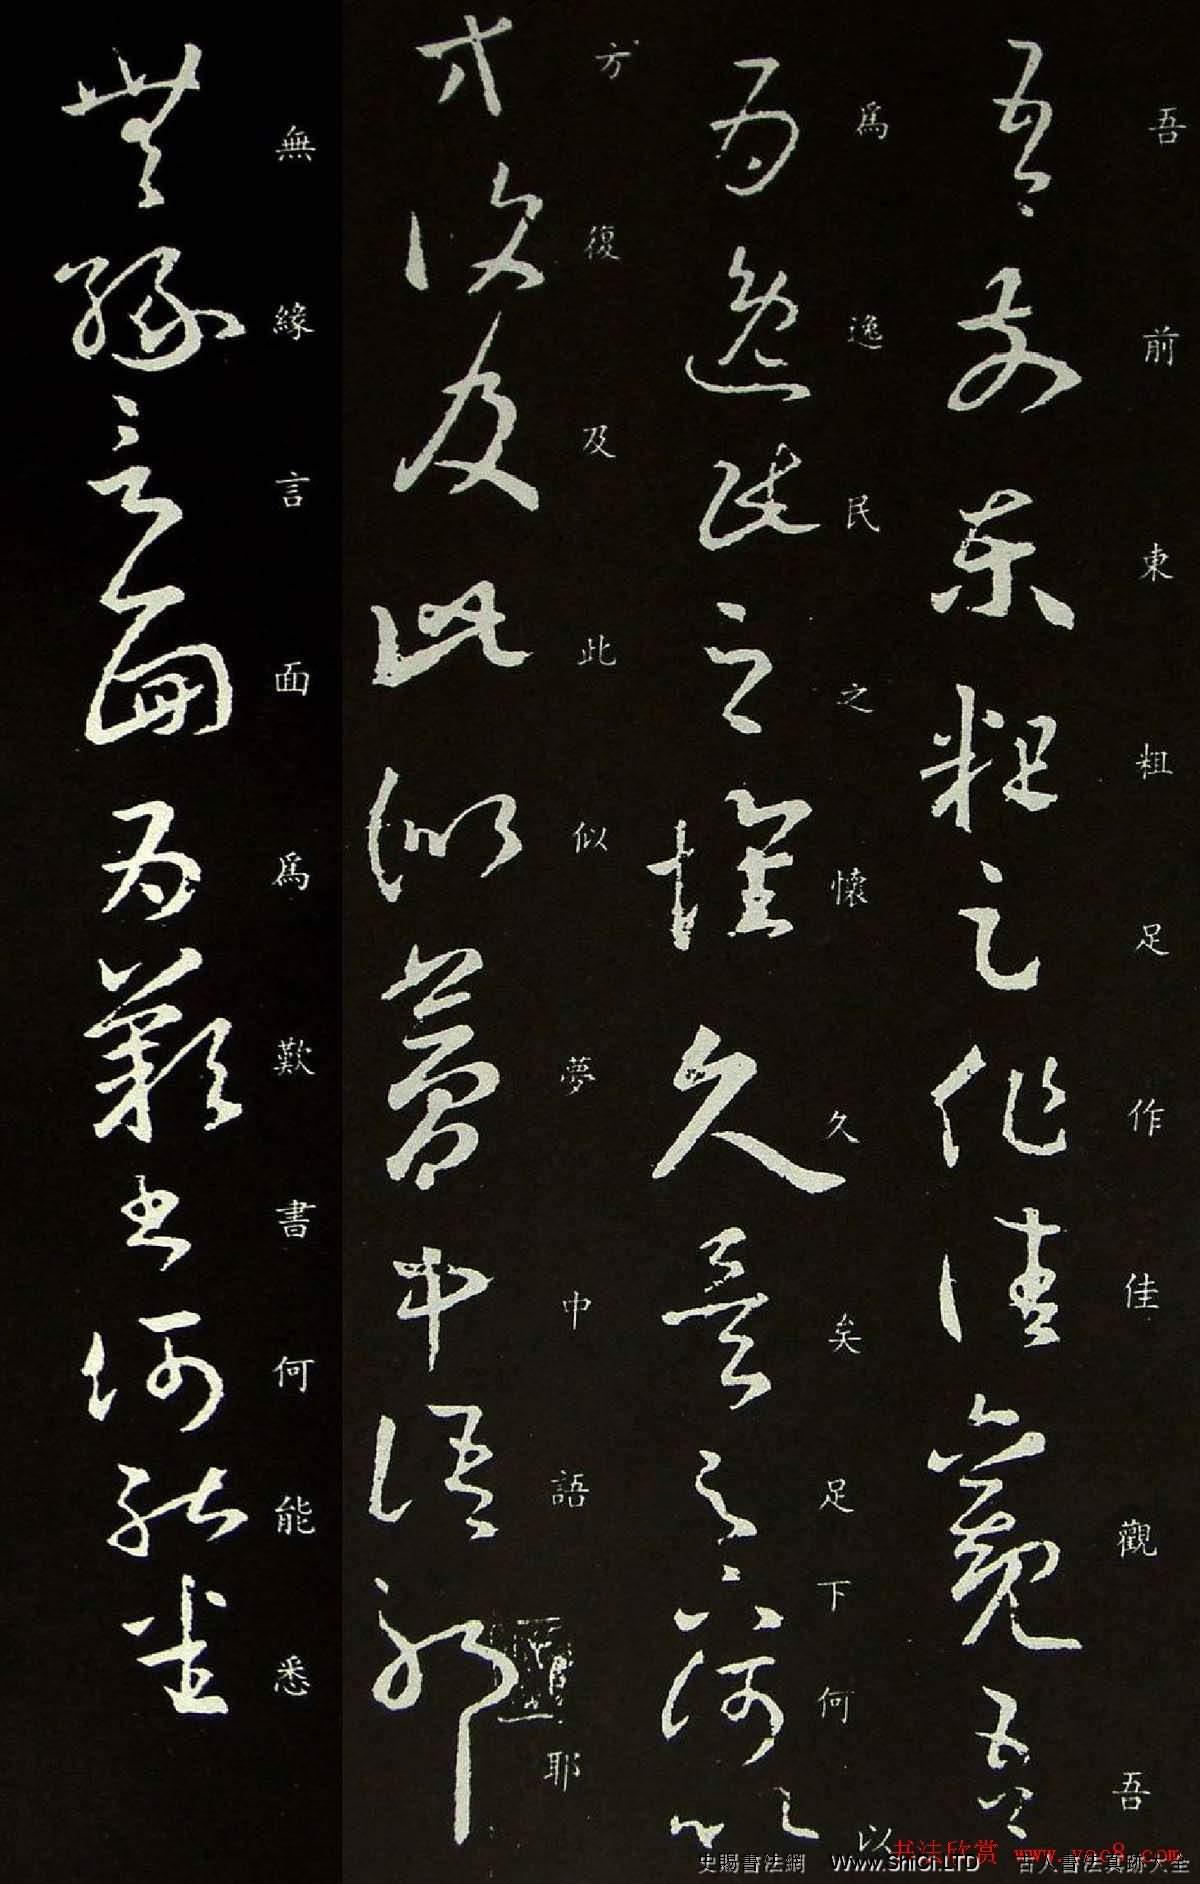 王羲之書の書簡『逸民帖』(全部で3枚の写真)を鑑賞します。